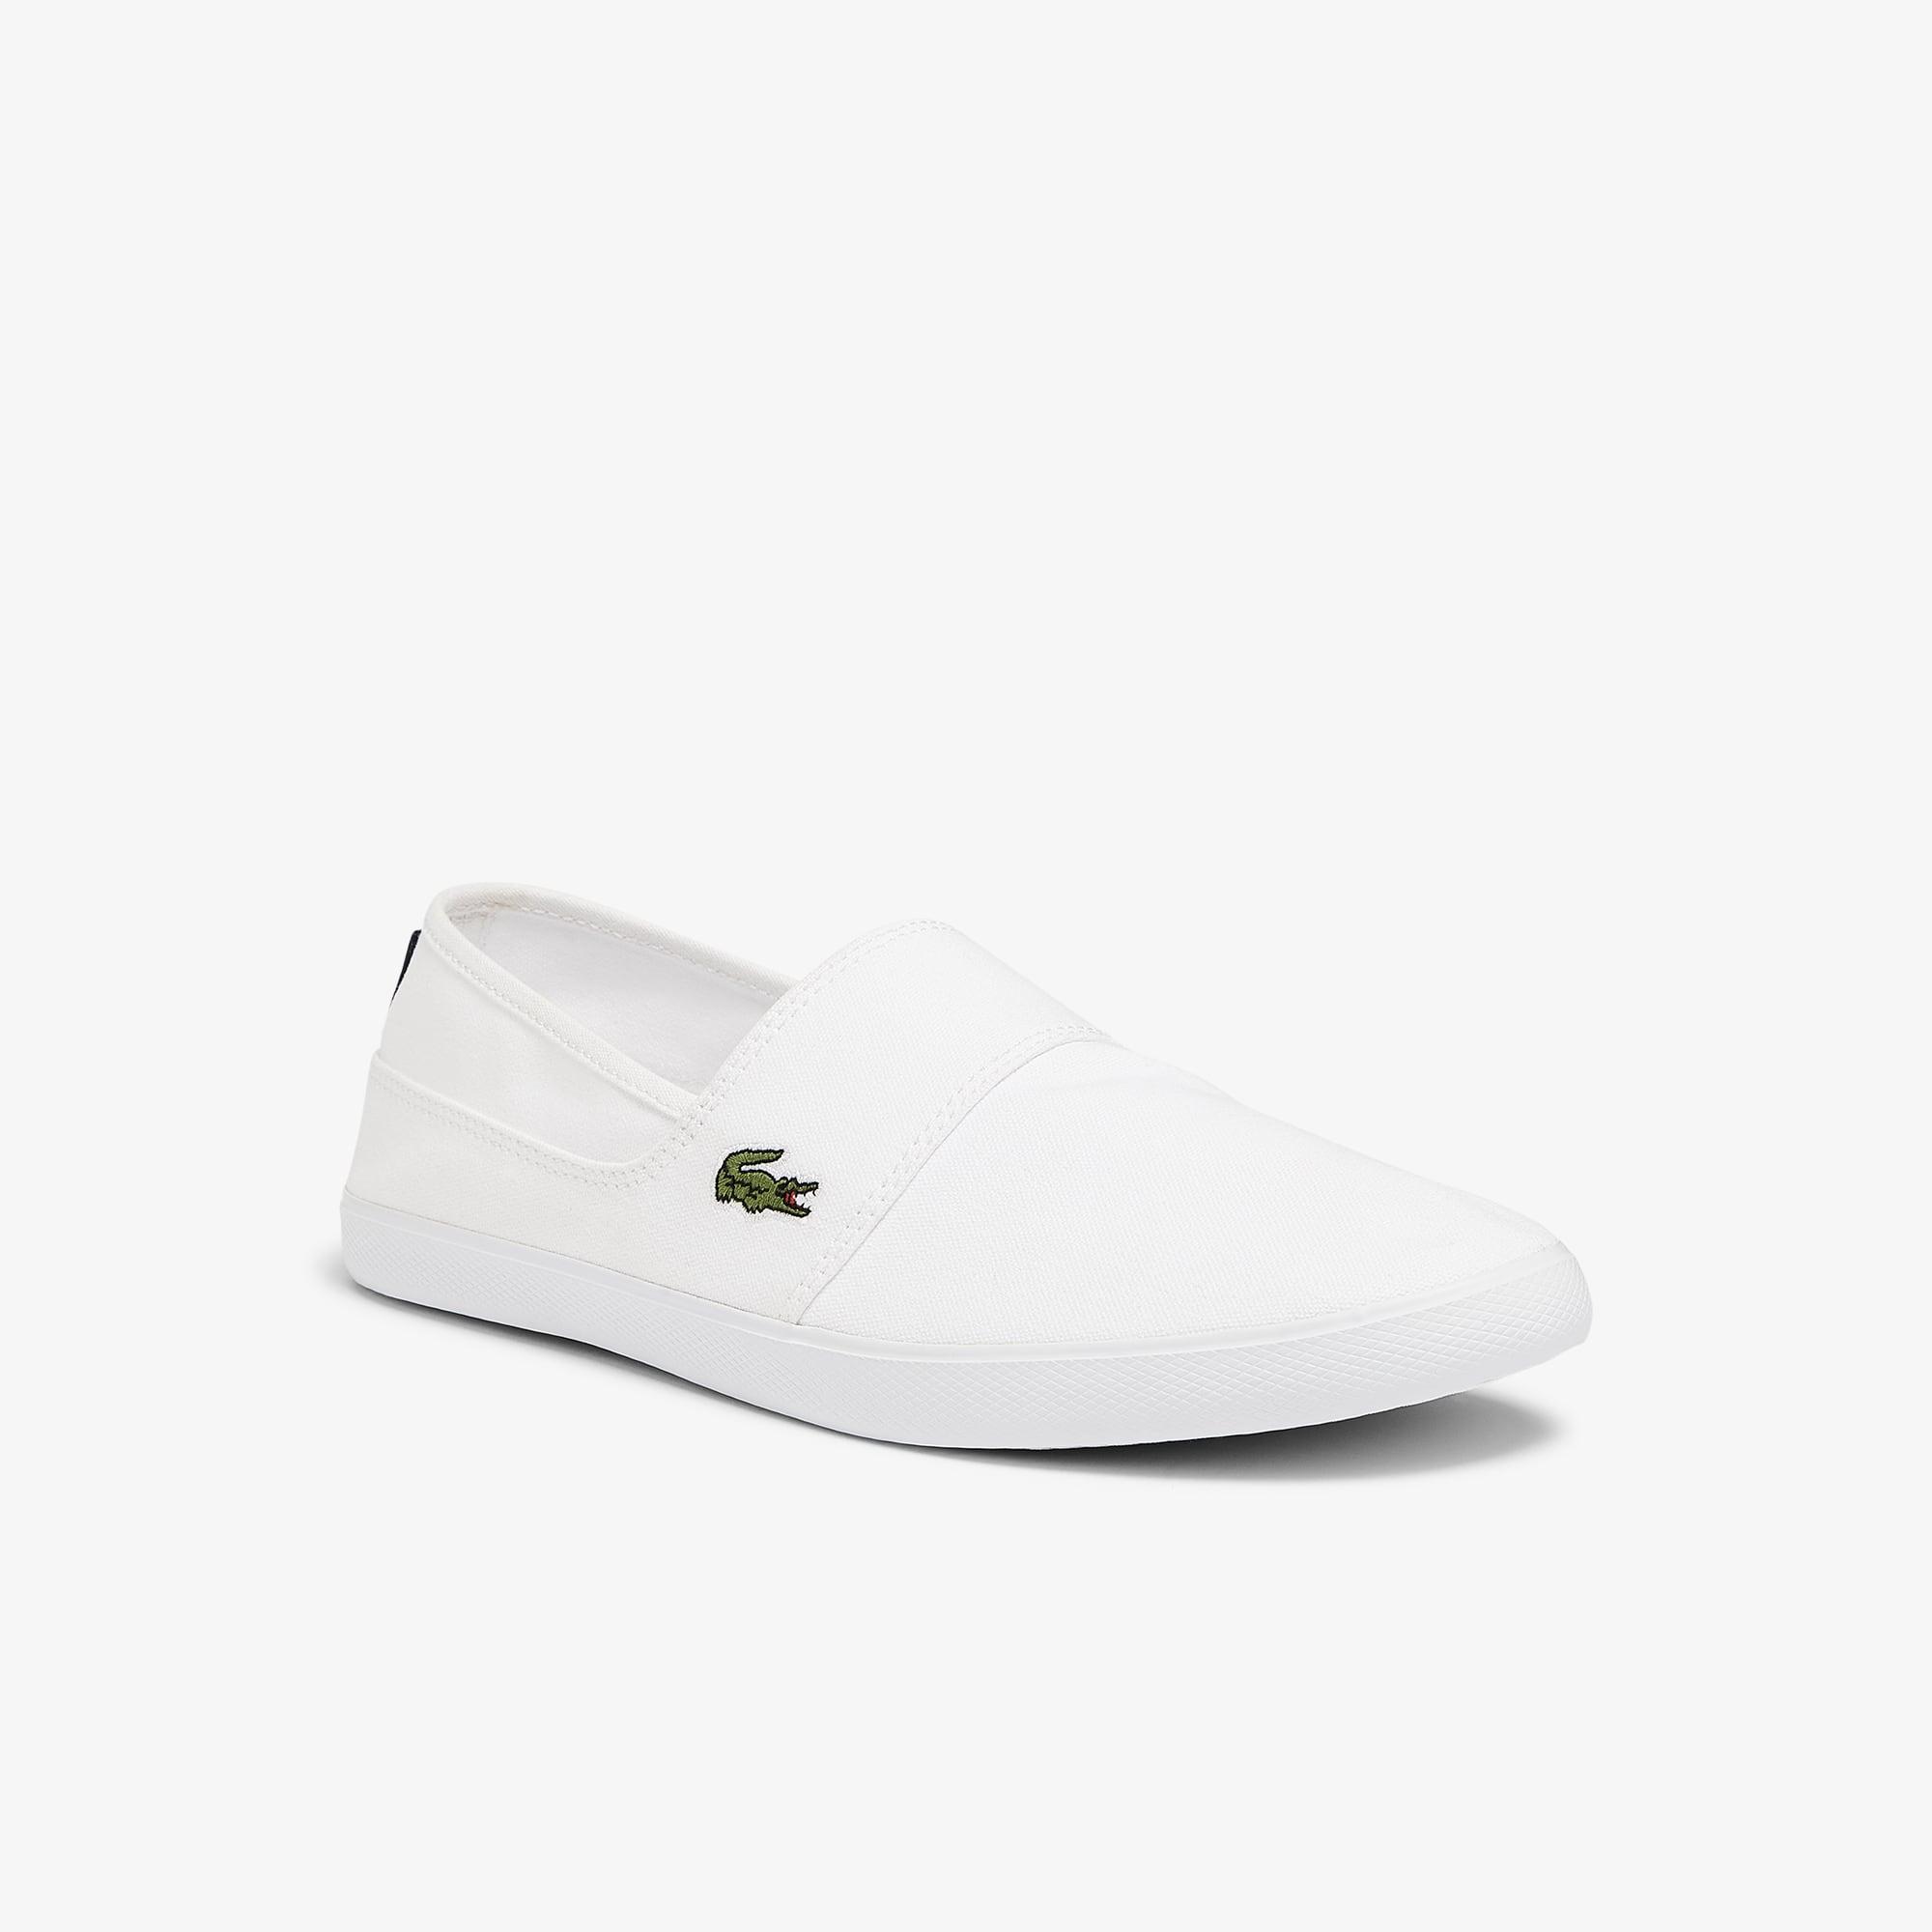 حذاء Marice خفيف سهل الارتداء من القماش للرجال